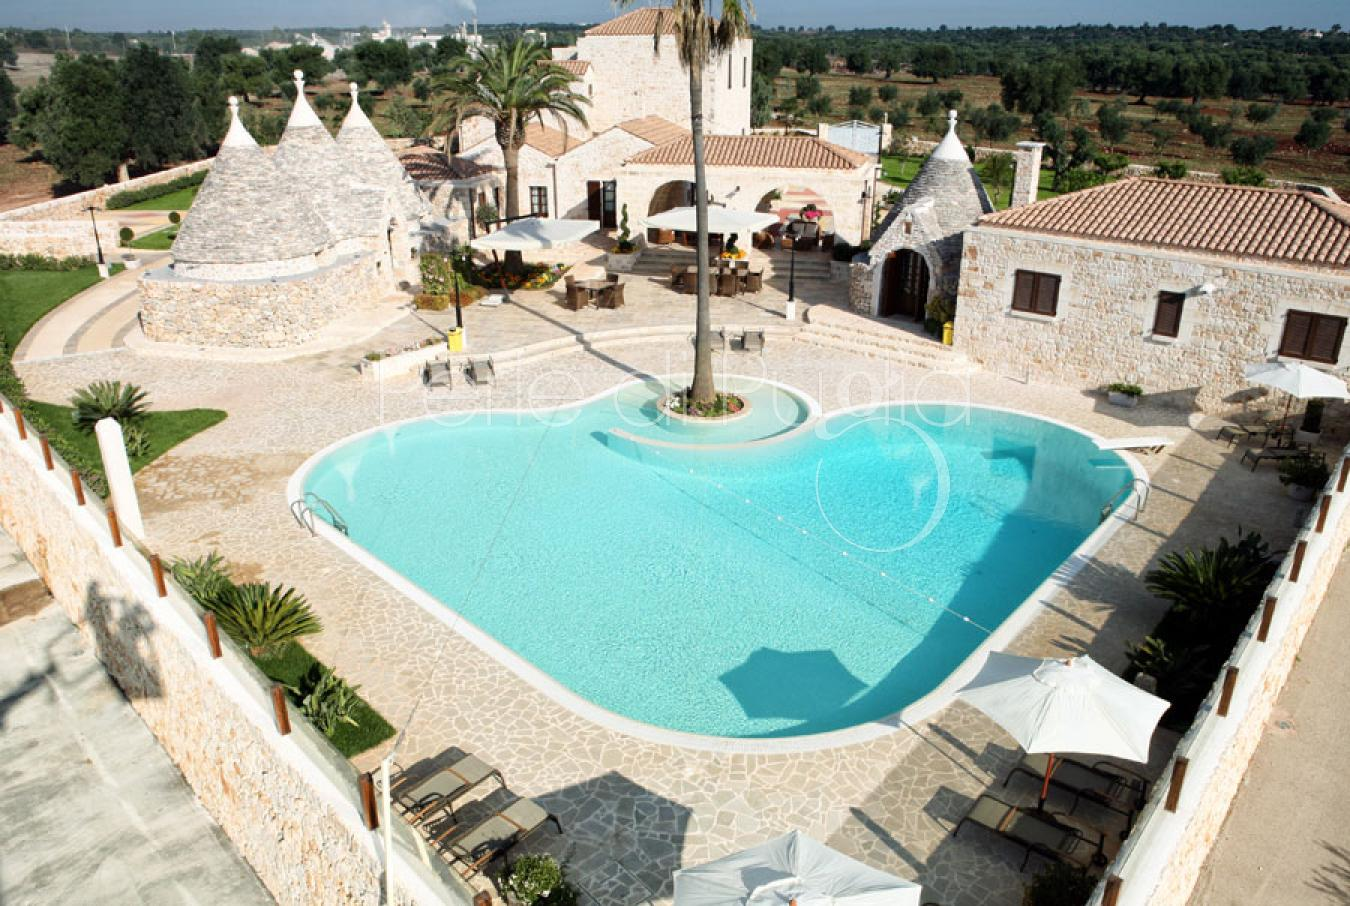 Villa con trulli e piscina a ceglie messapica masseria chirulli - Masseria in puglia con piscina ...